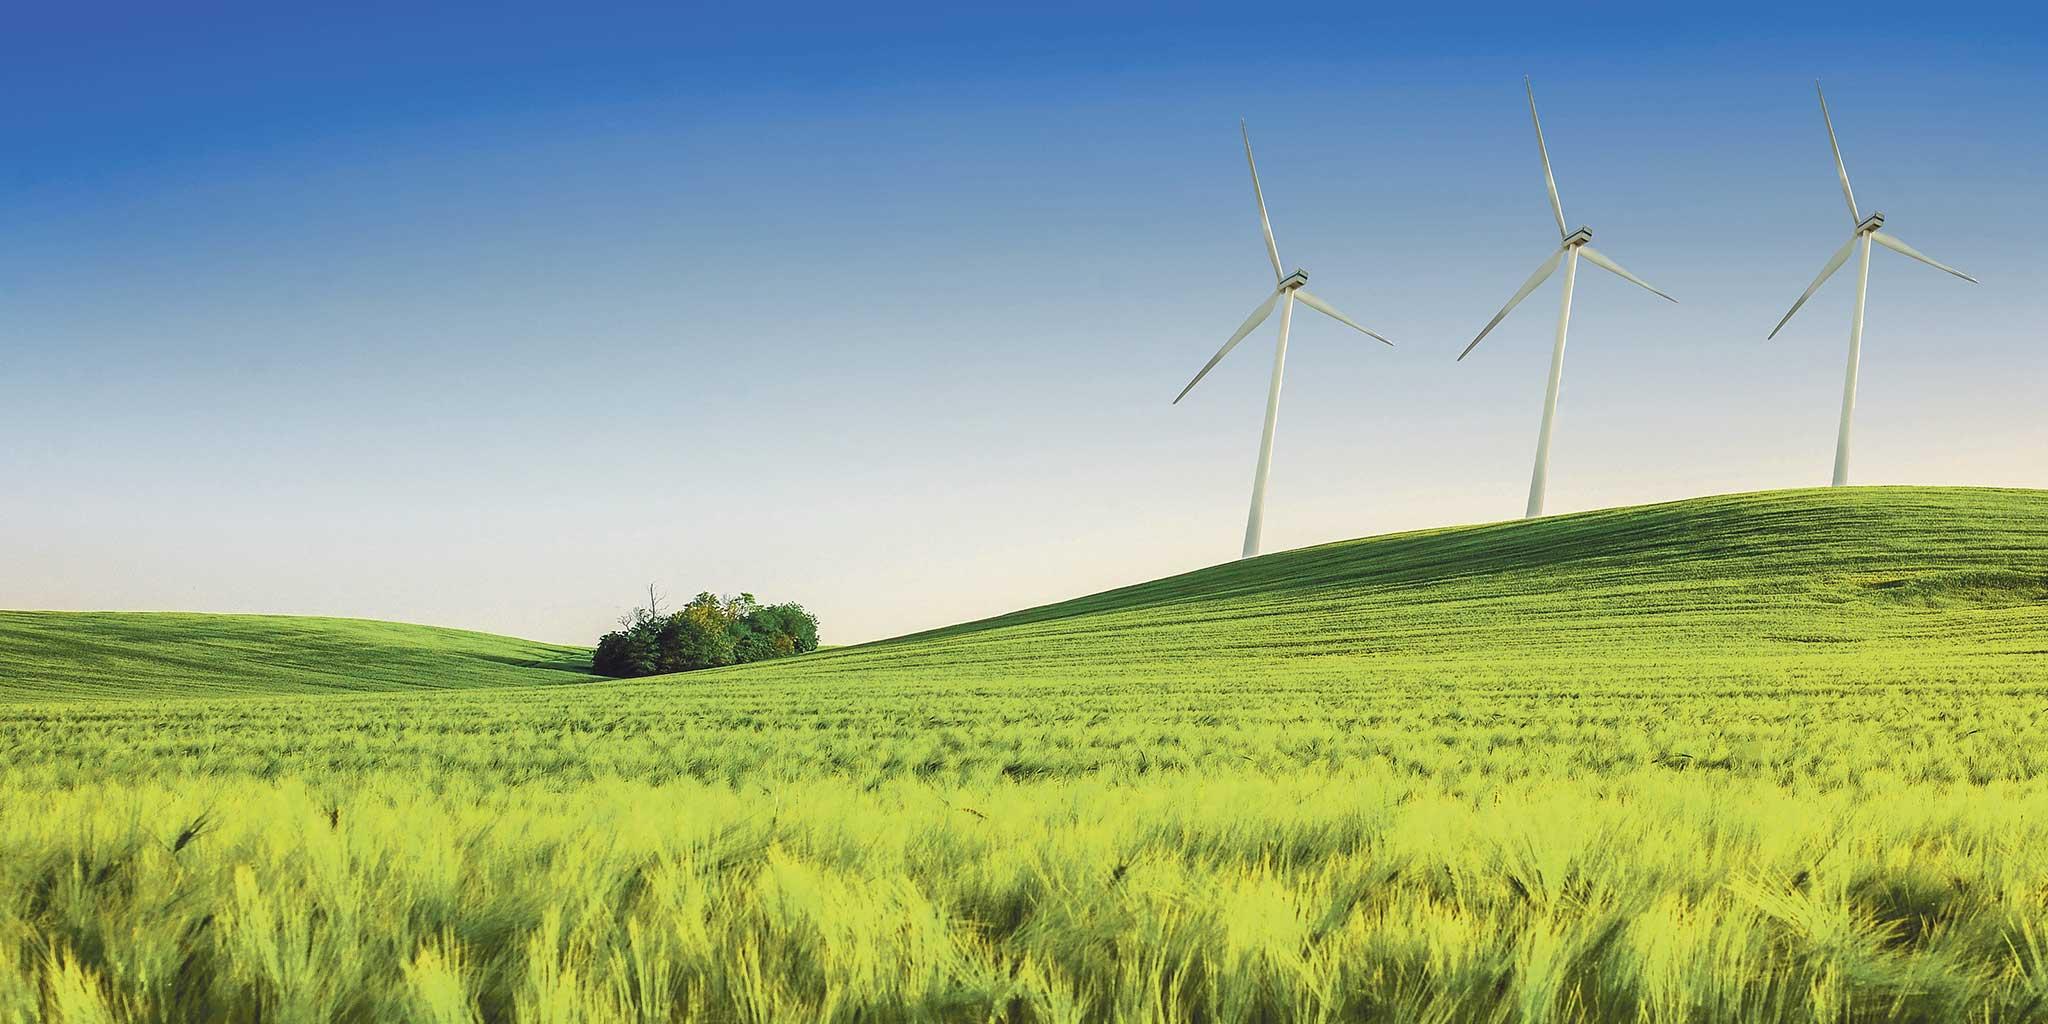 une prairie avec des moulins à vent